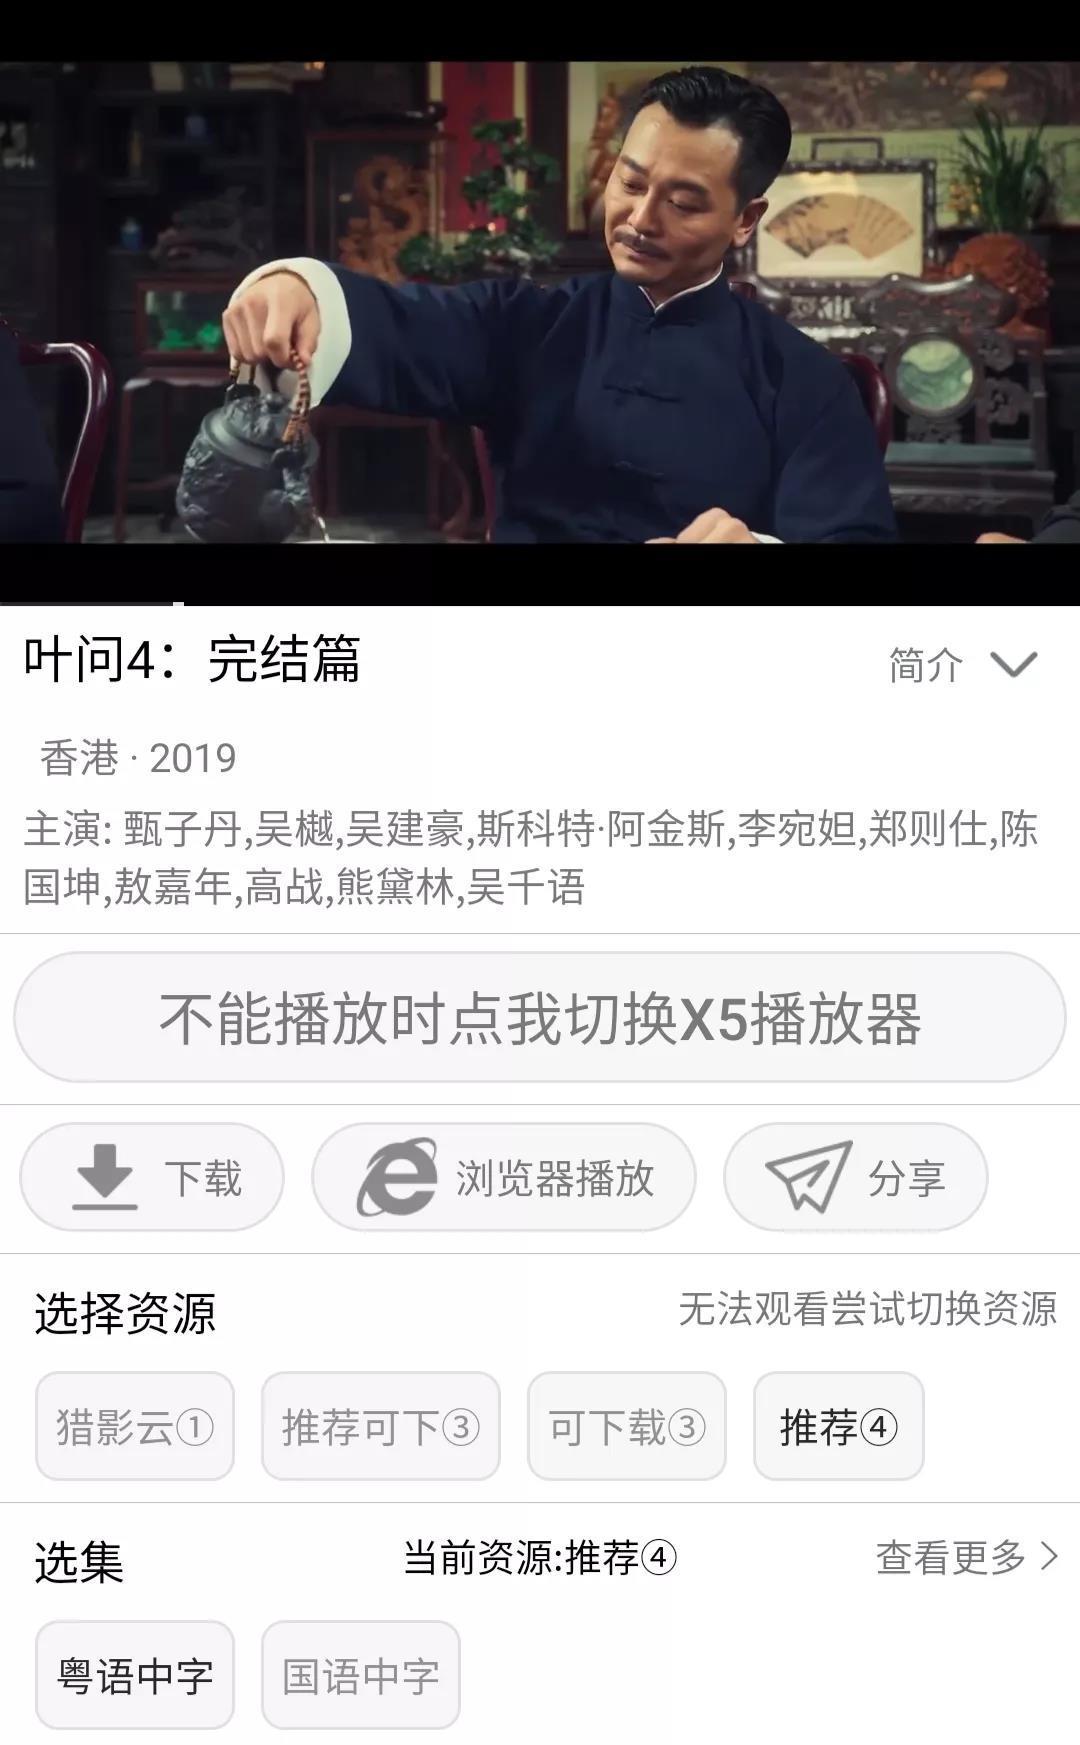 5eec8e7b14195aa5940bc137 猎影影视-安装影视软件